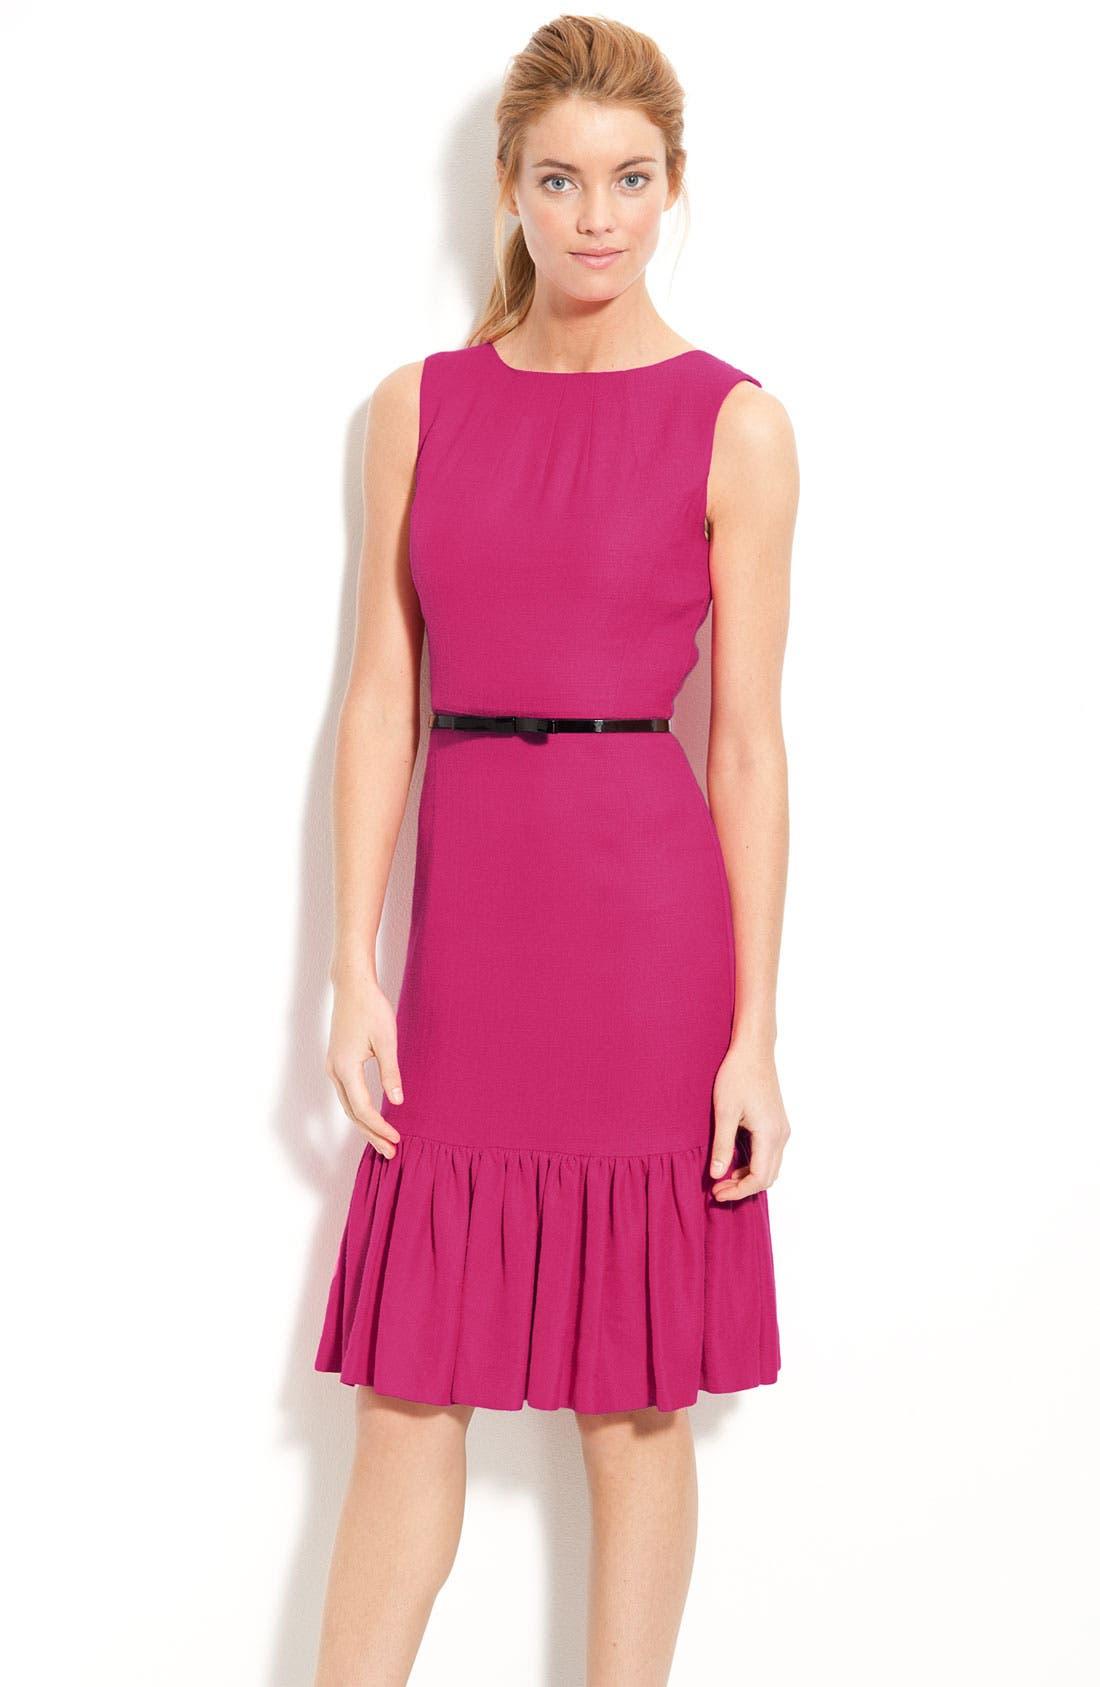 Alternate Image 1 Selected - kate spade new york 'siren' ruffle hem sheath dress